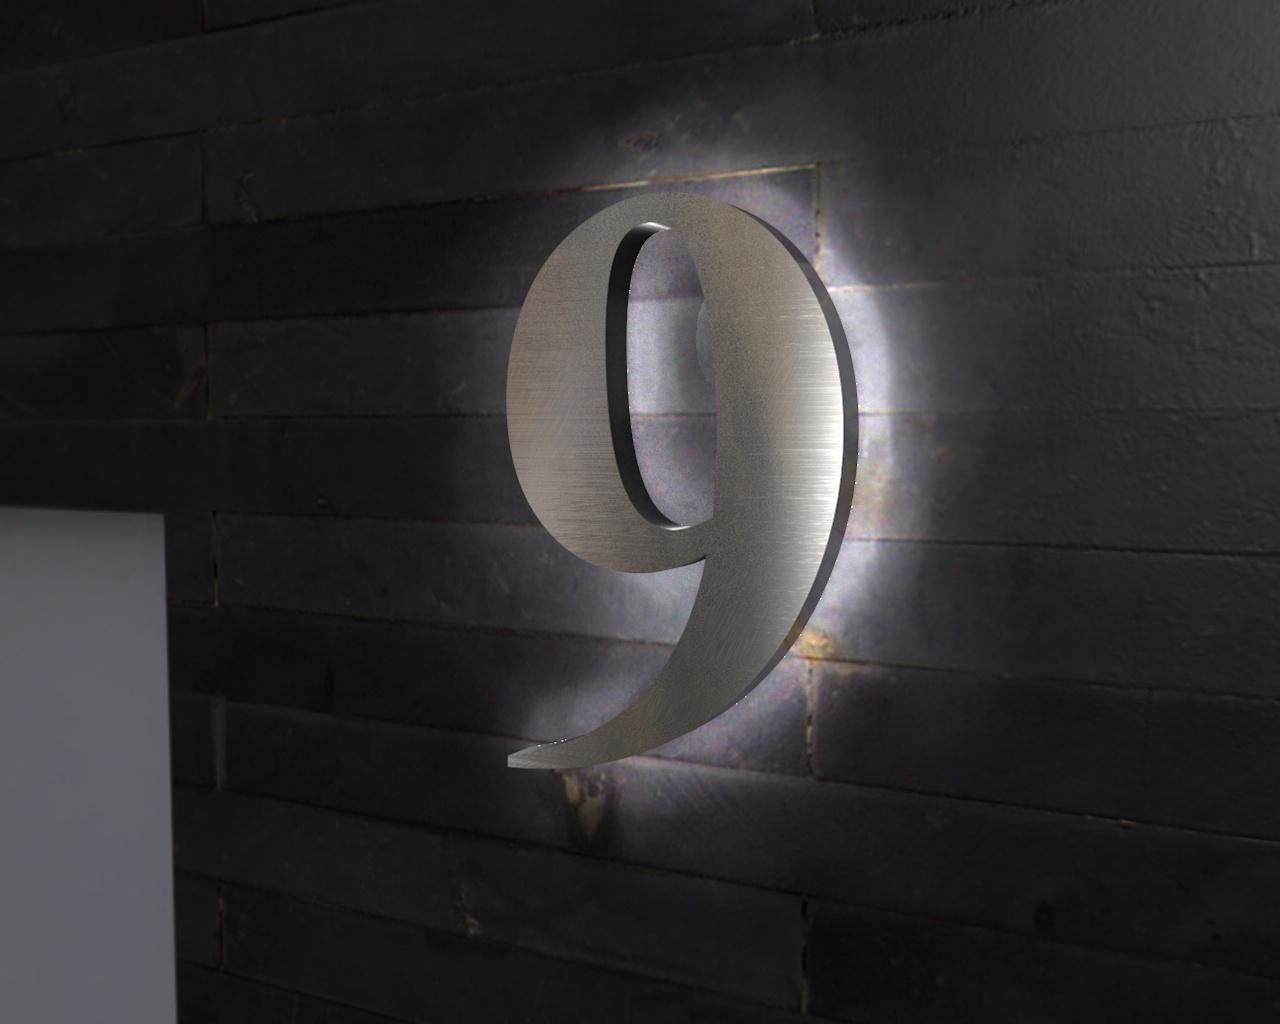 Beleuchtete-Led Edelstahl-Hausnummer 9